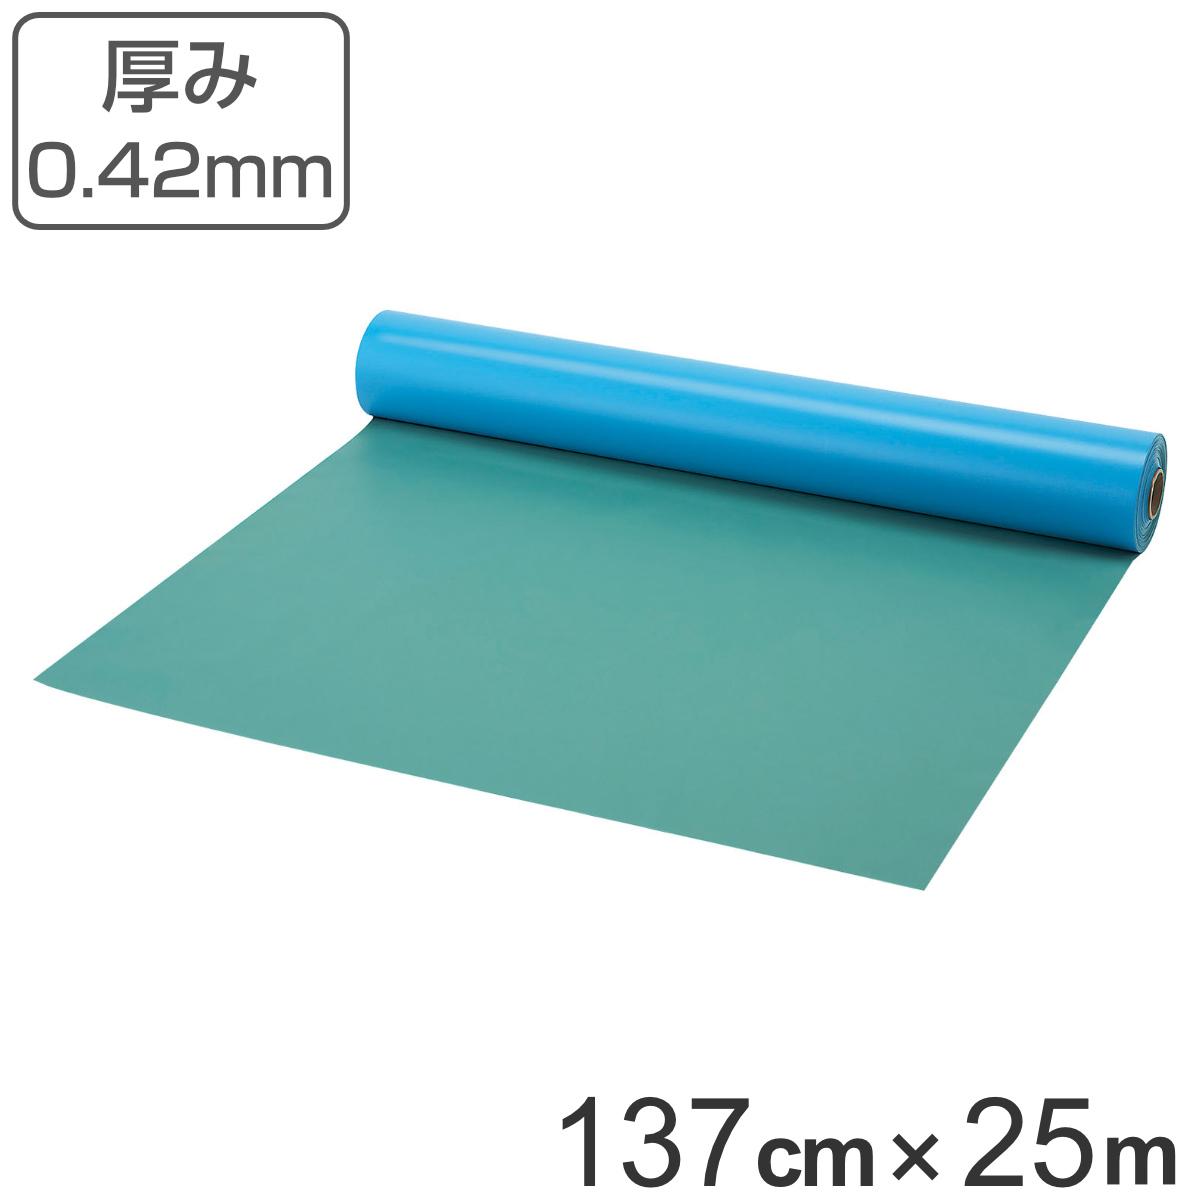 体育館用保護シート ニュ-フロアシート 0.42mm厚 25m巻 送料無料